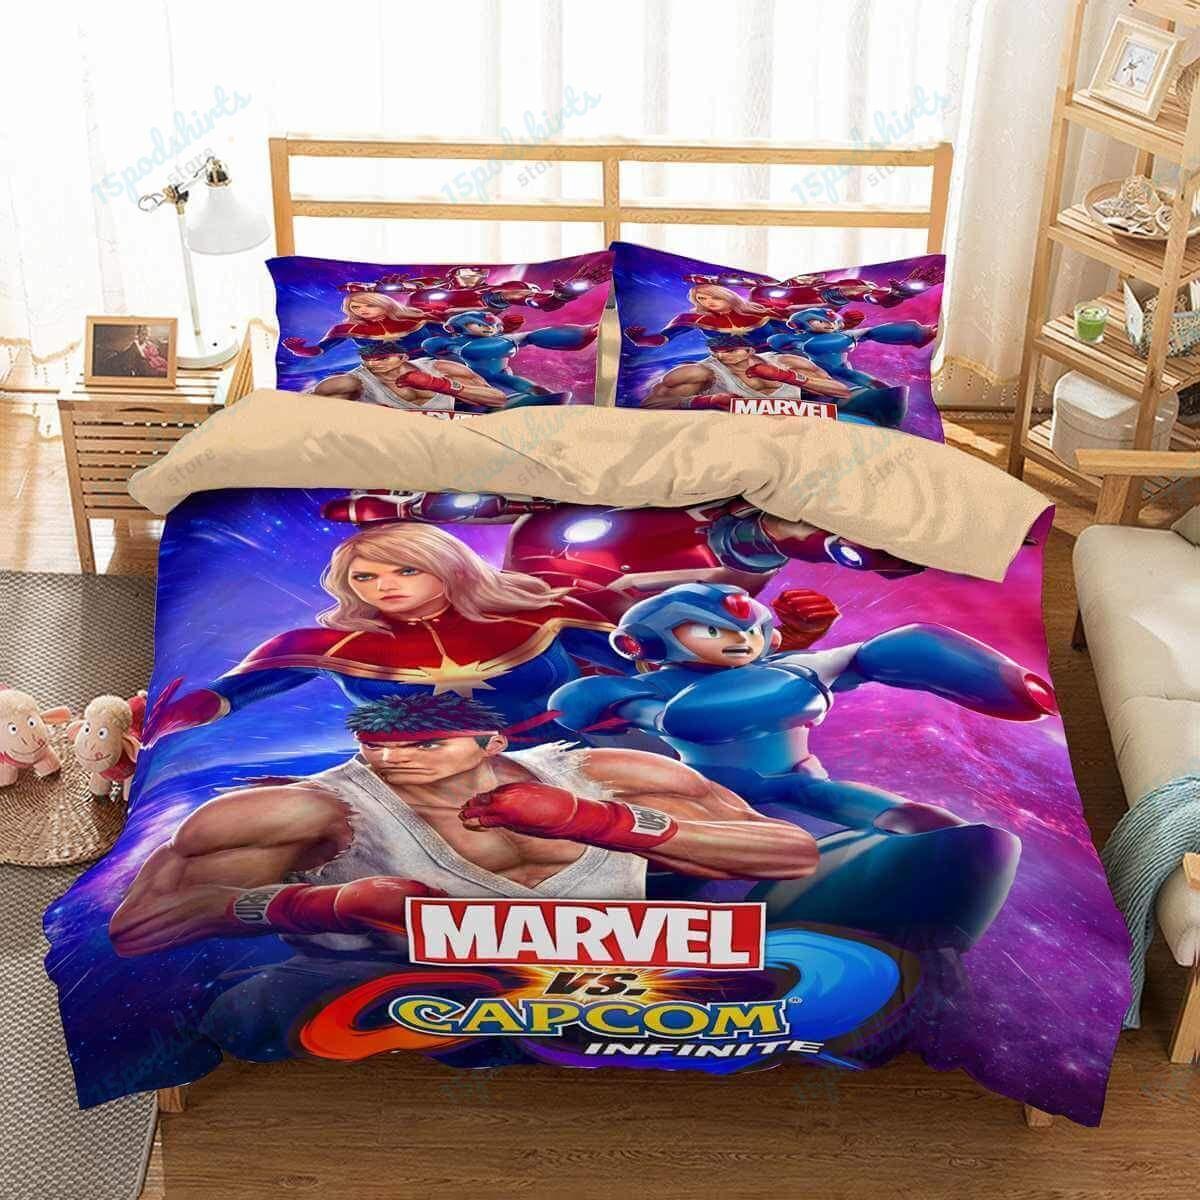 Marvel Vs Capcom Infinite 1 Duvet Cover Bedding Set